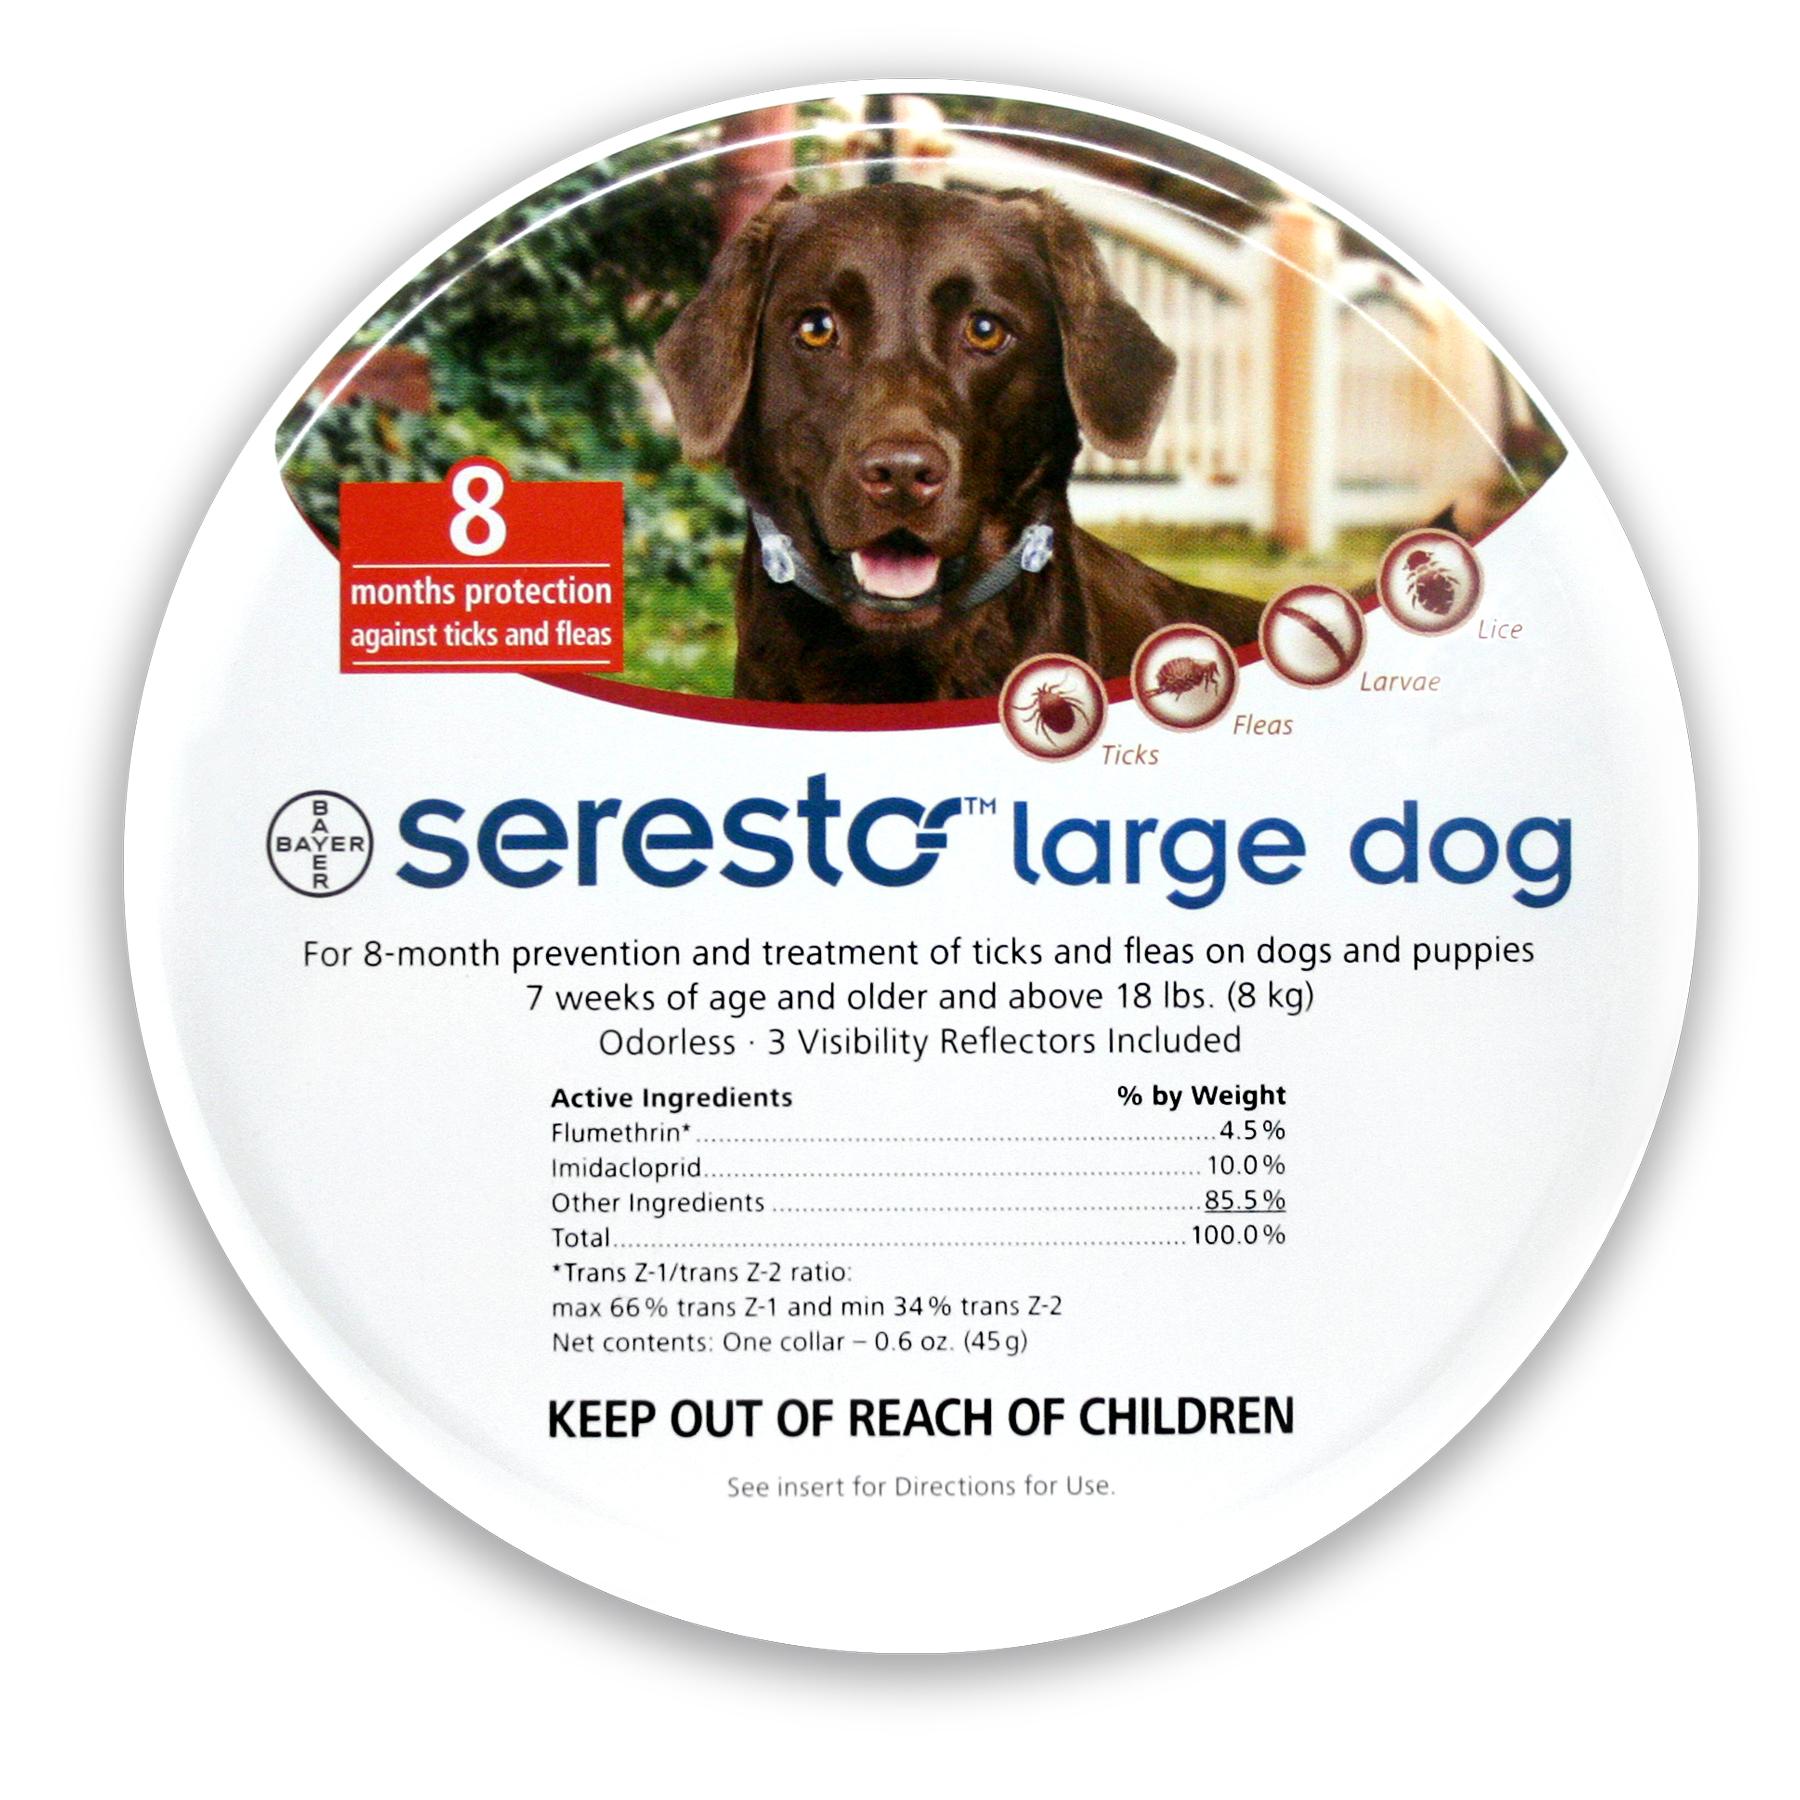 Seresto Large Dog Kmart